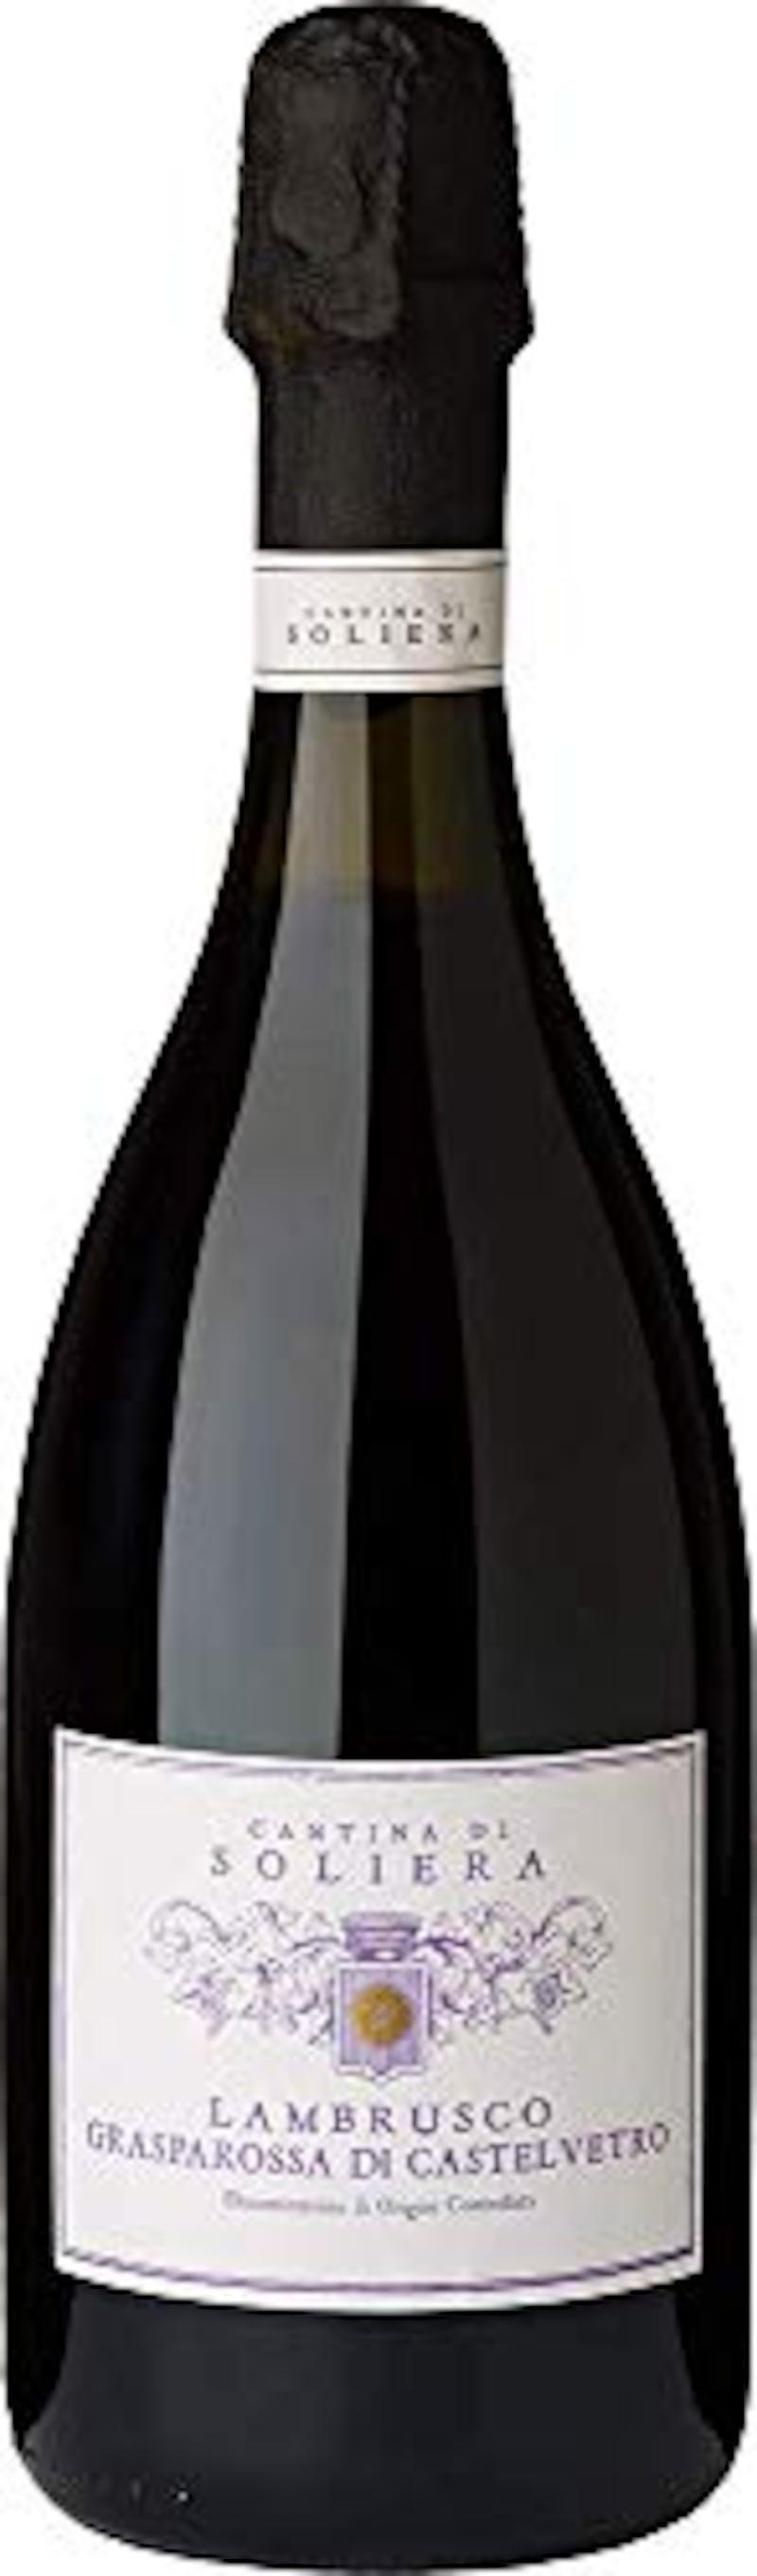 CANTINA DI SOLIERA(カンティーナ・ディ・ソリエーラ),ランブルスコ・グラスパロッサ・ディ・カステルヴェトロ・ドルチェ